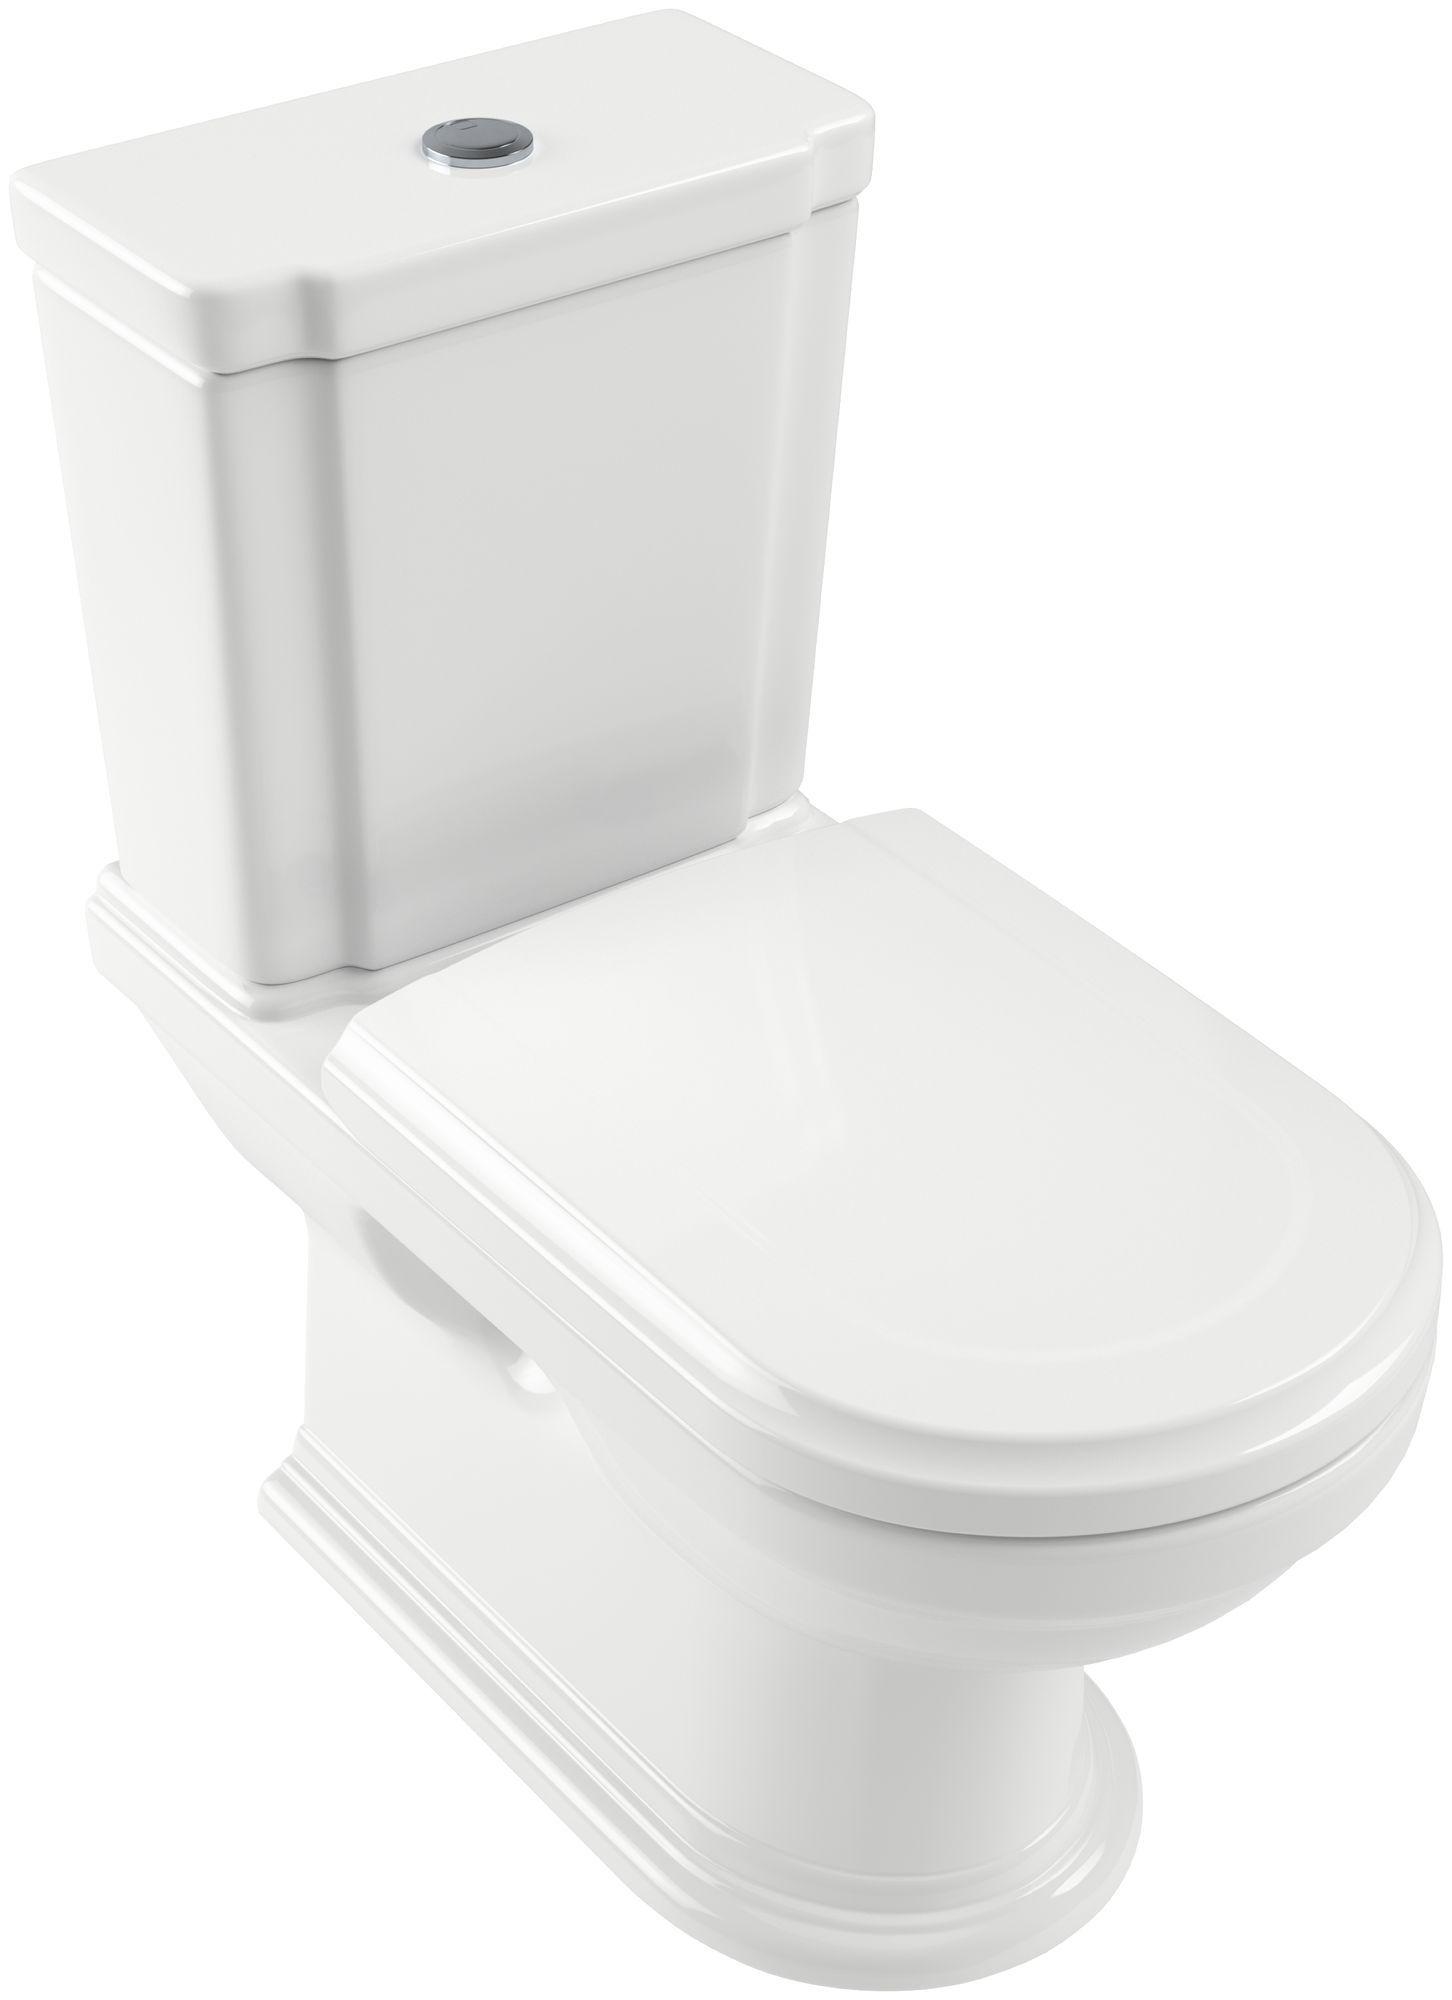 Villeroy & Boch Hommage Tiefspül-Stand-WC für Aufsatzspülkasten L:72,5xB:37cm Weiß Alpin mit Ceramicplus 666210R1